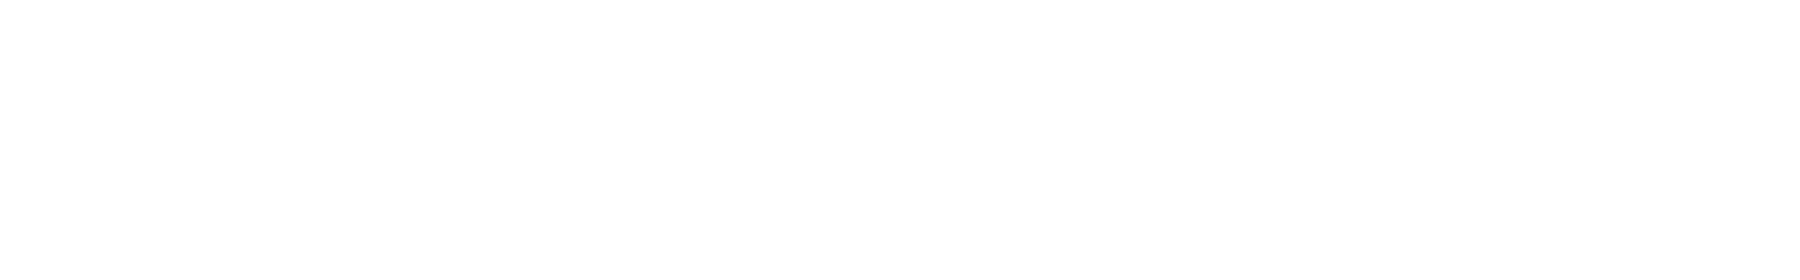 veh2 synths   003 c